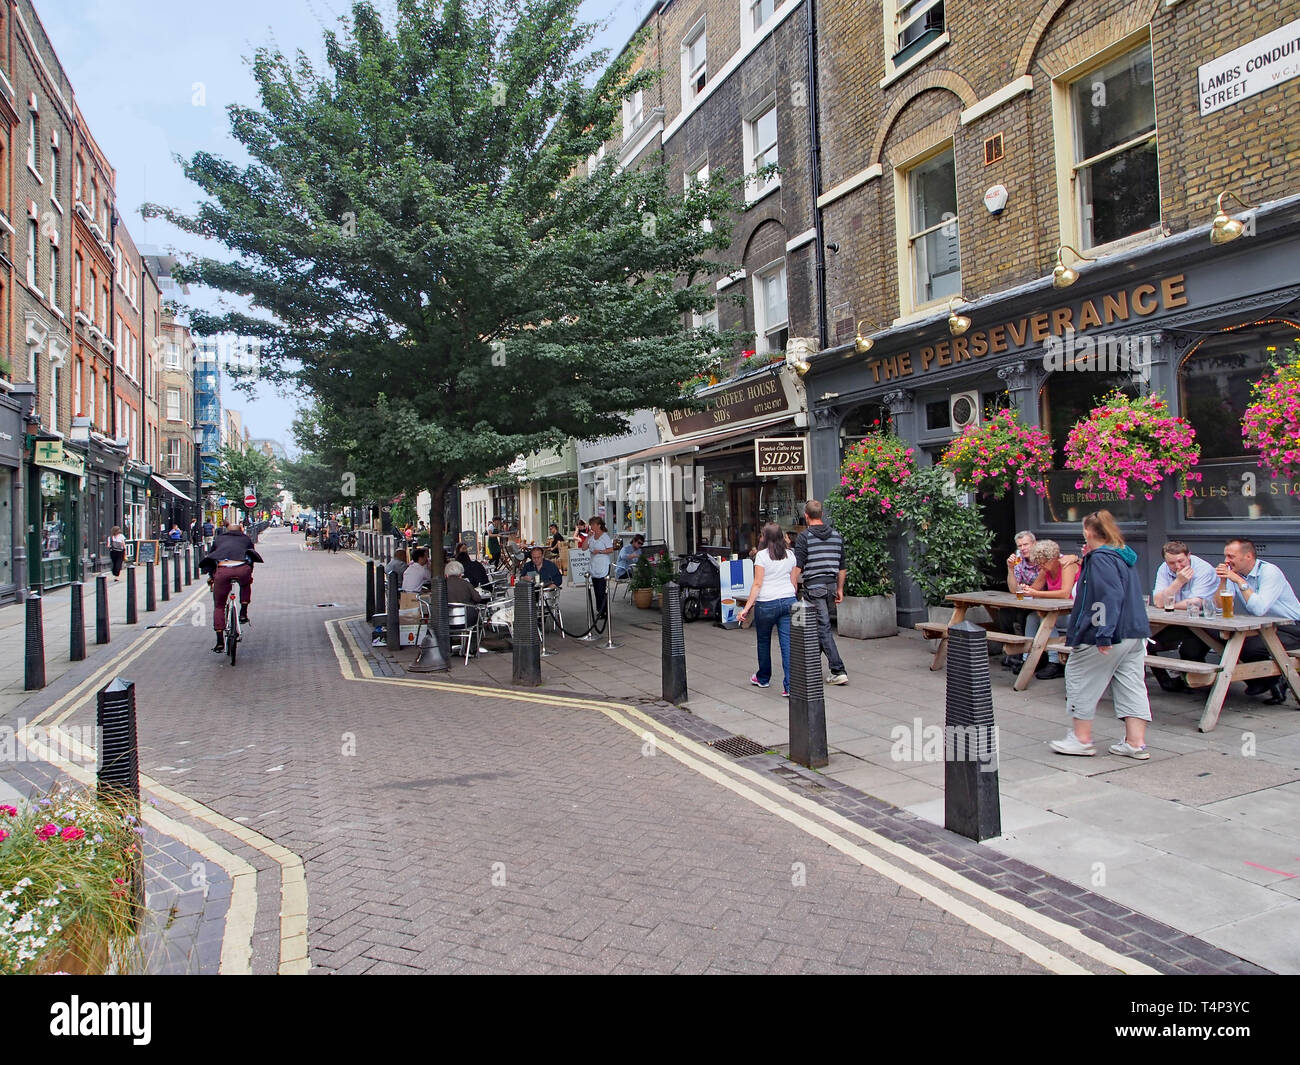 Londres - Juillet 2013: Le quartier de Bloomsbury, près de l'Université de Londres a de vieilles rues avec des magasins et des pubs. Banque D'Images